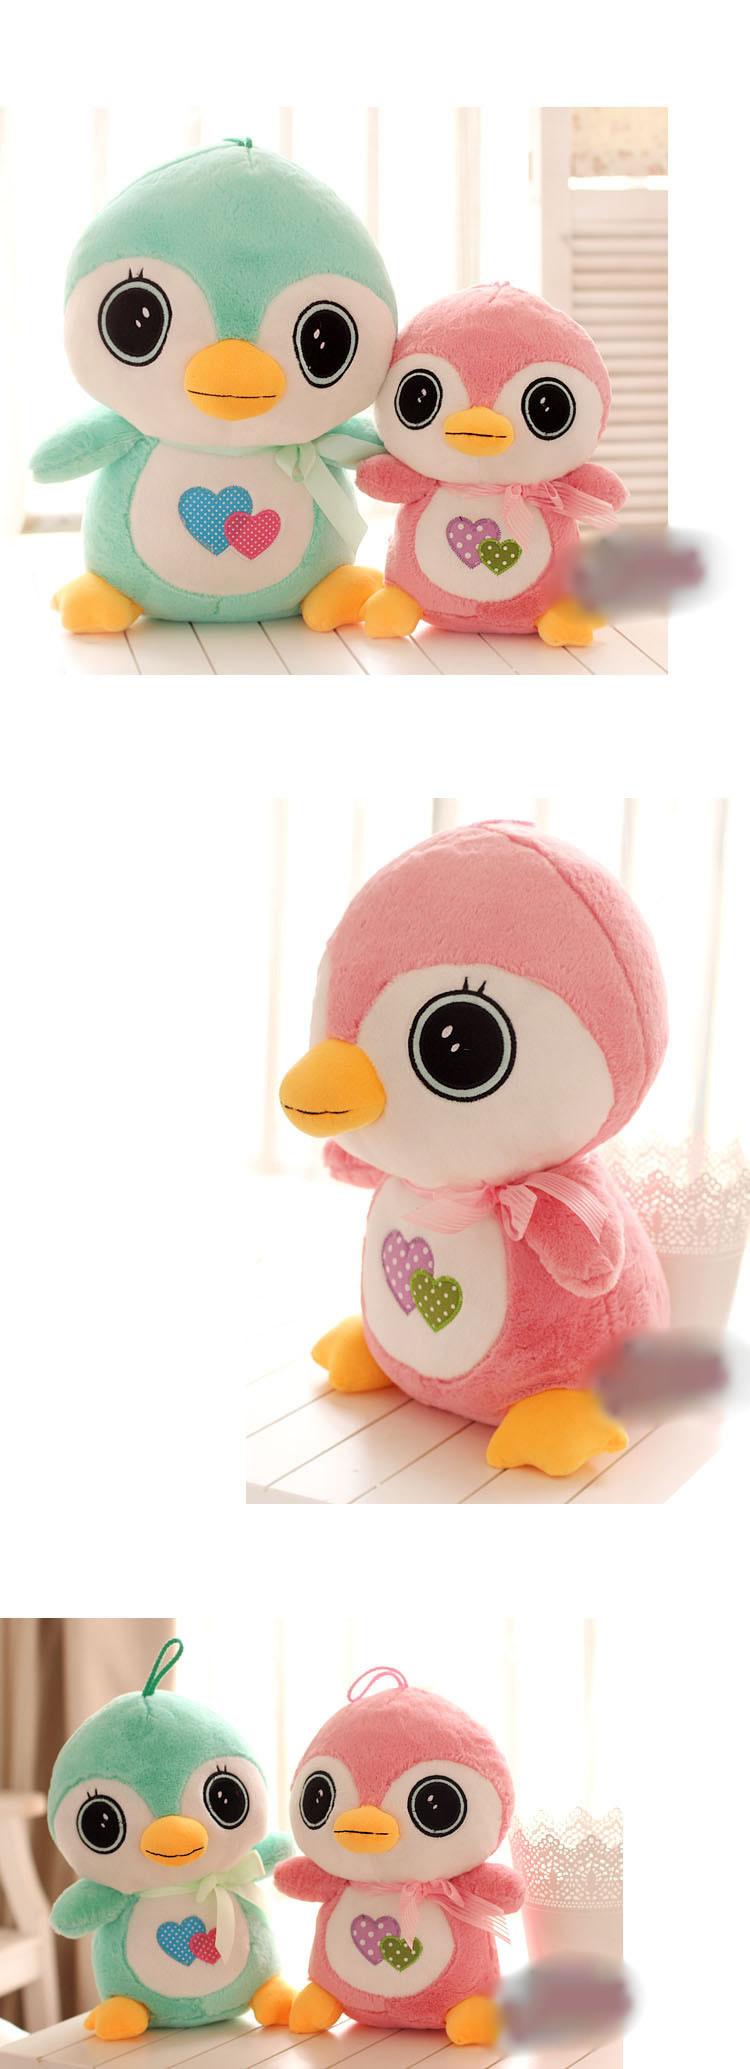 男女圣诞礼物可爱卡通爱心呆萌小企鹅毛绒玩具公仔布娃娃 儿童玩偶